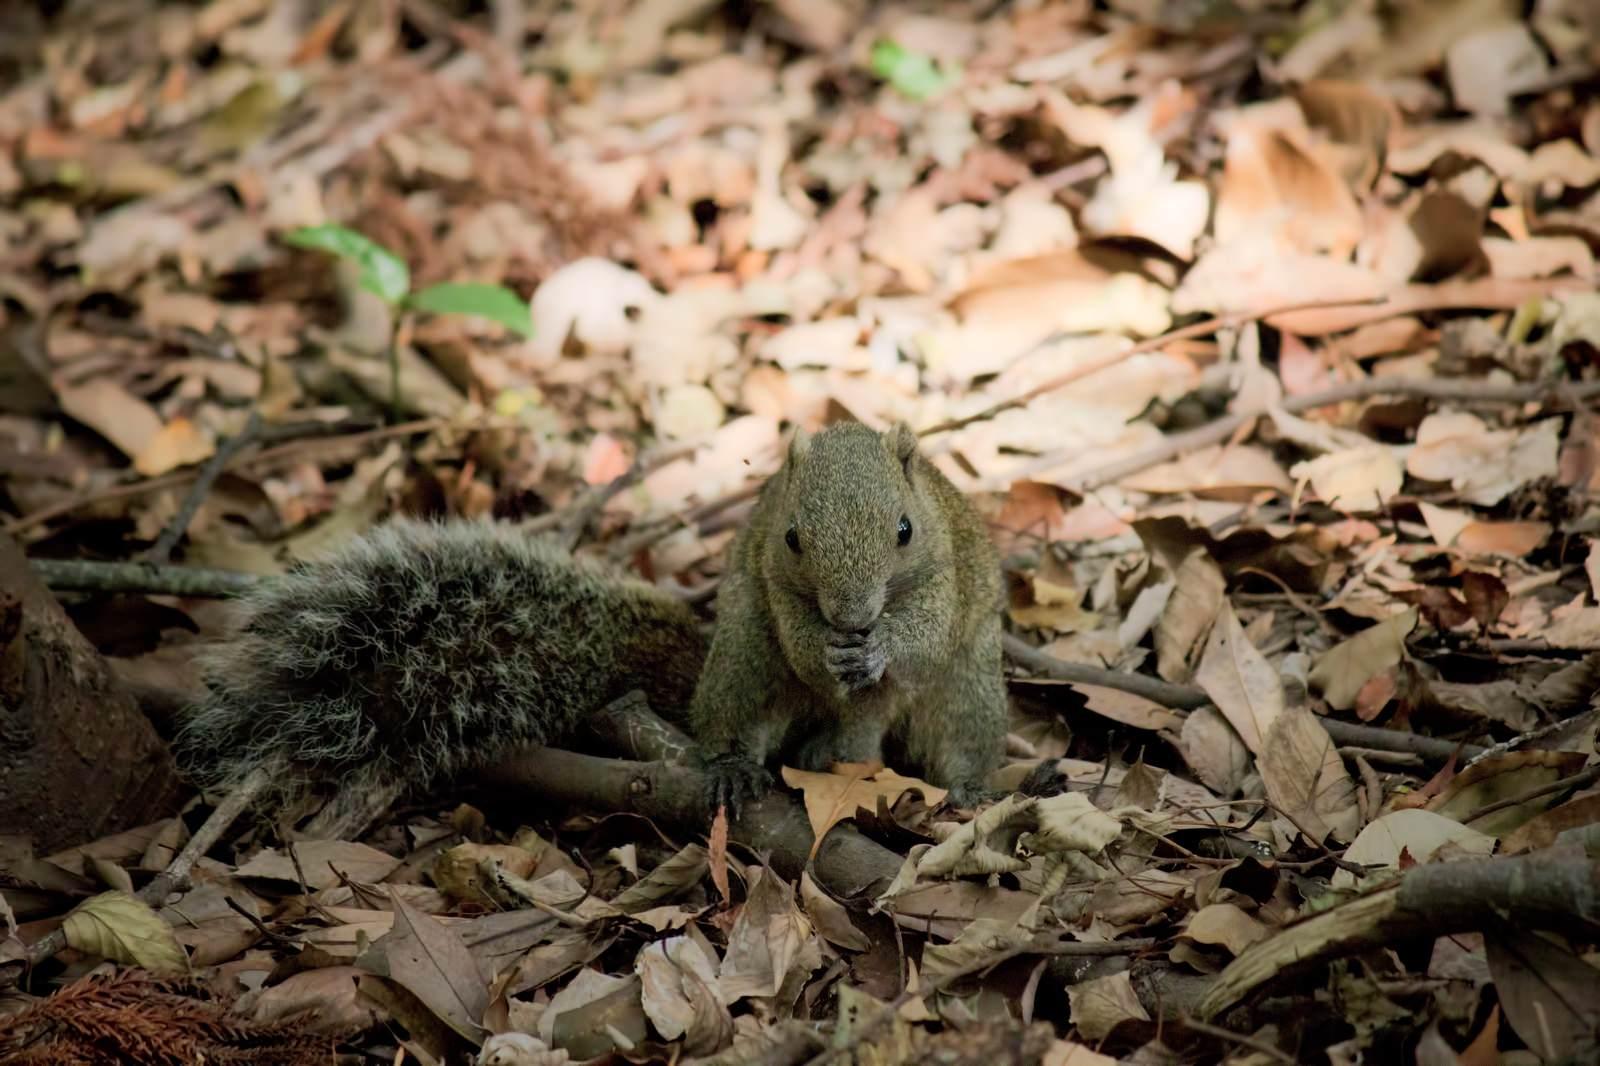 「夢中でドングリに噛りつく野生のリス | 写真の無料素材・フリー素材 - ぱくたそ」の写真